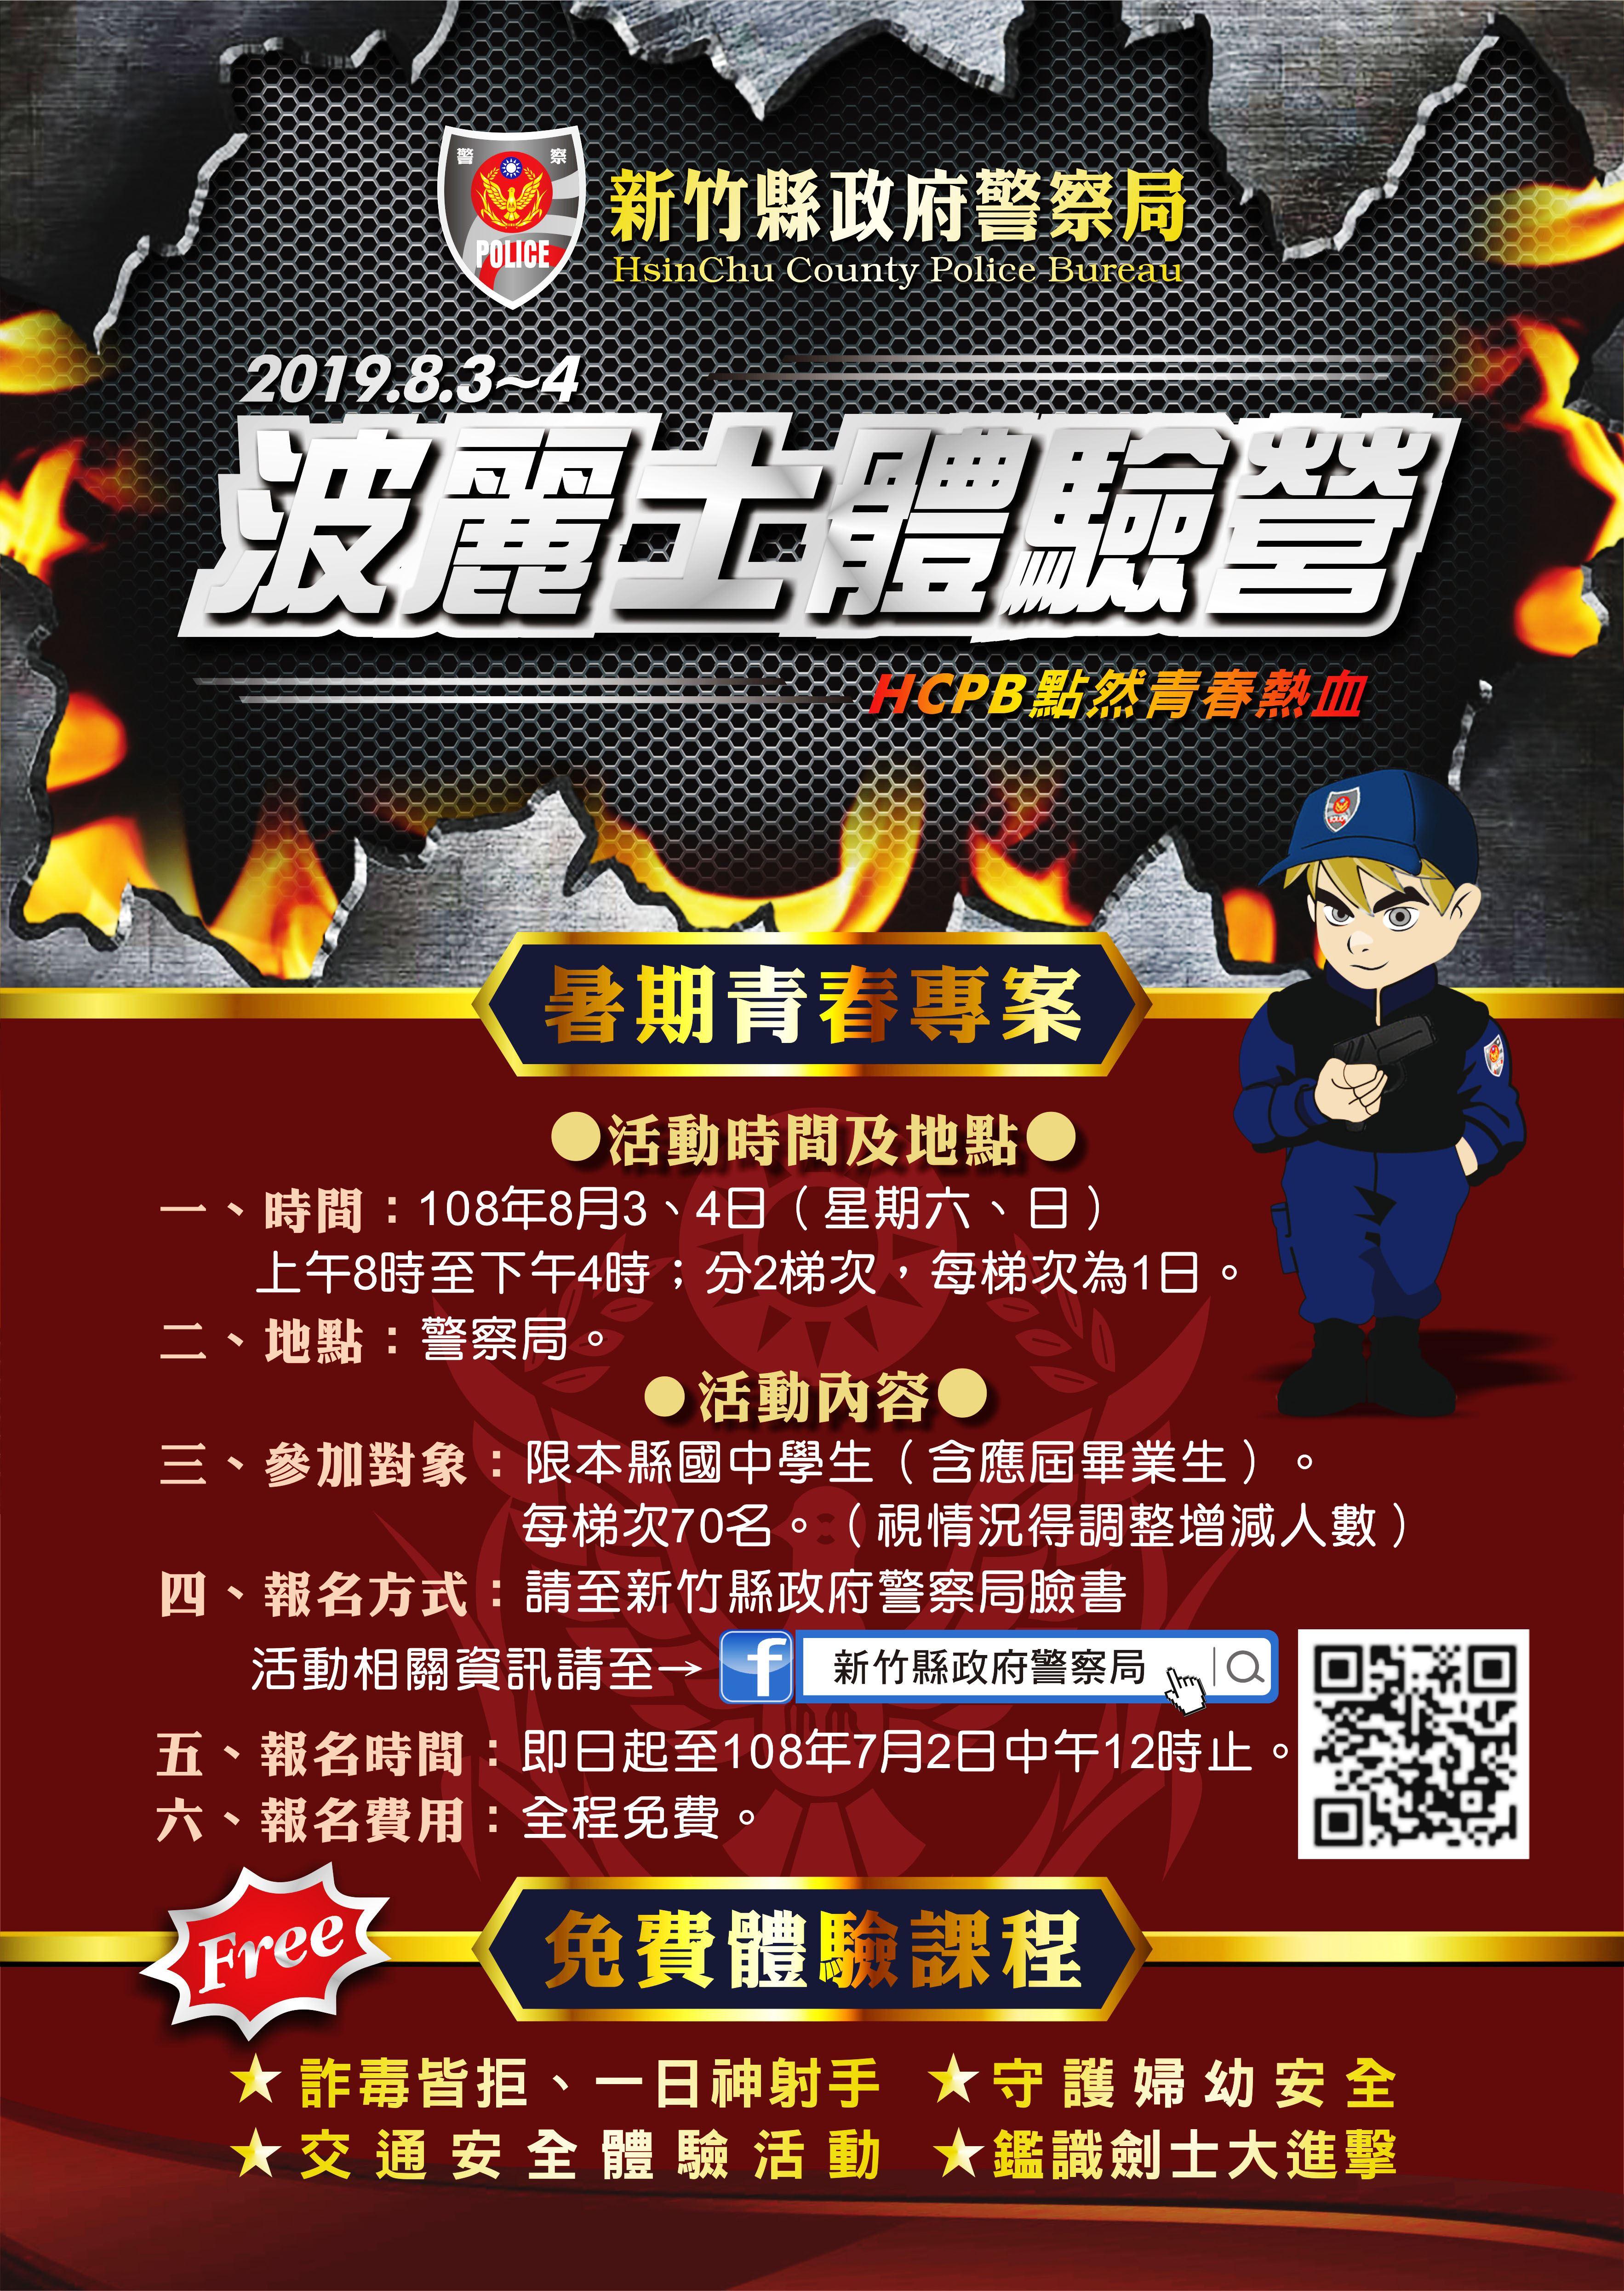 新竹縣政府警察局波麗士體驗營即日起開放報名額滿為止